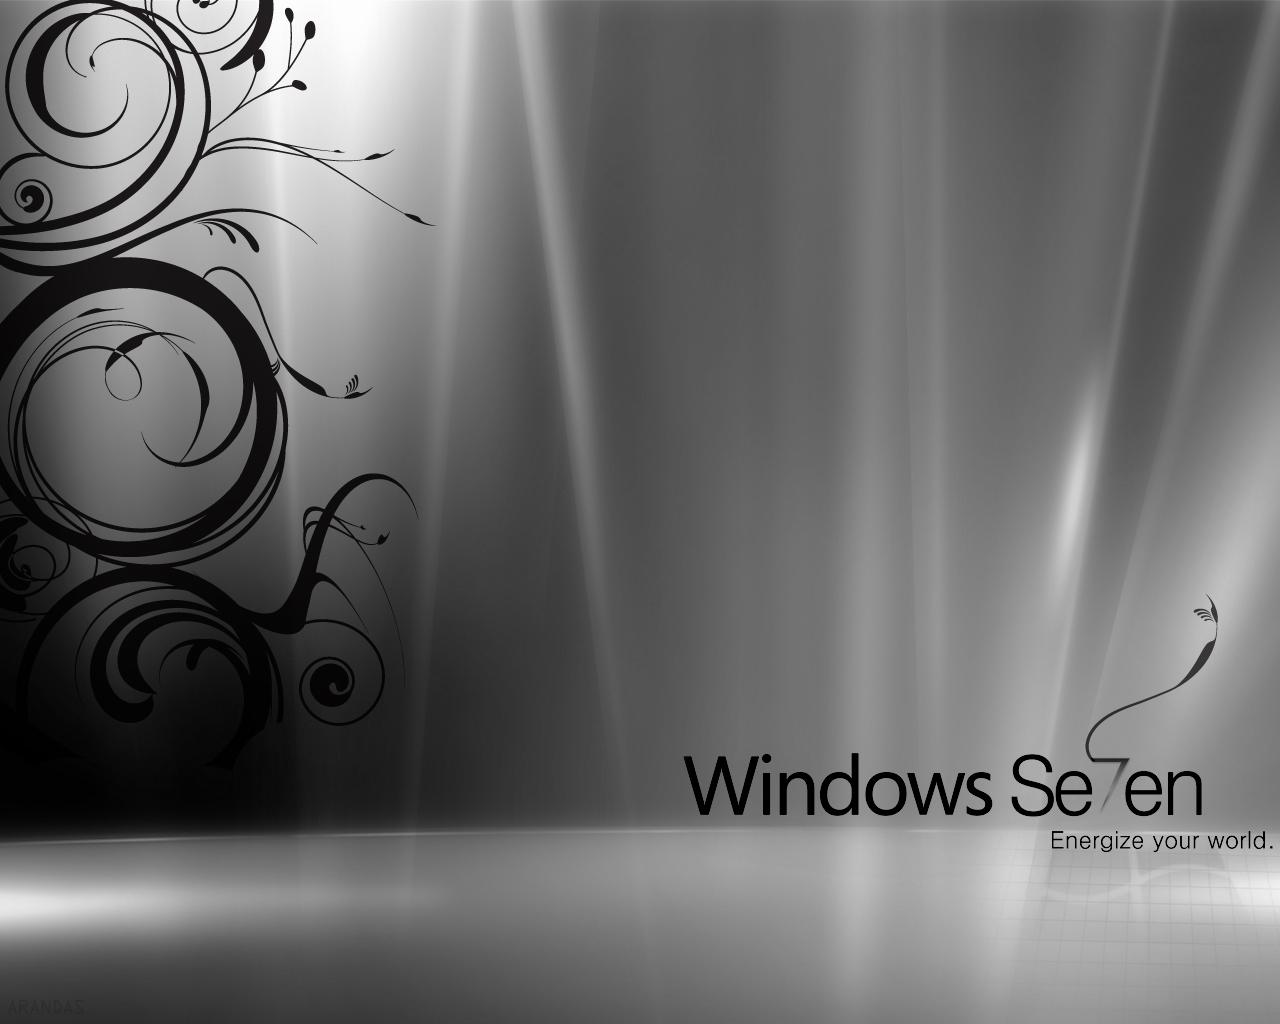 http://4.bp.blogspot.com/_CMf2hbvWnqU/TPngs7AkK9I/AAAAAAAAASY/nTE5QuvuKkk/s1600/wallpapers_windows_7_%2B2.jpg